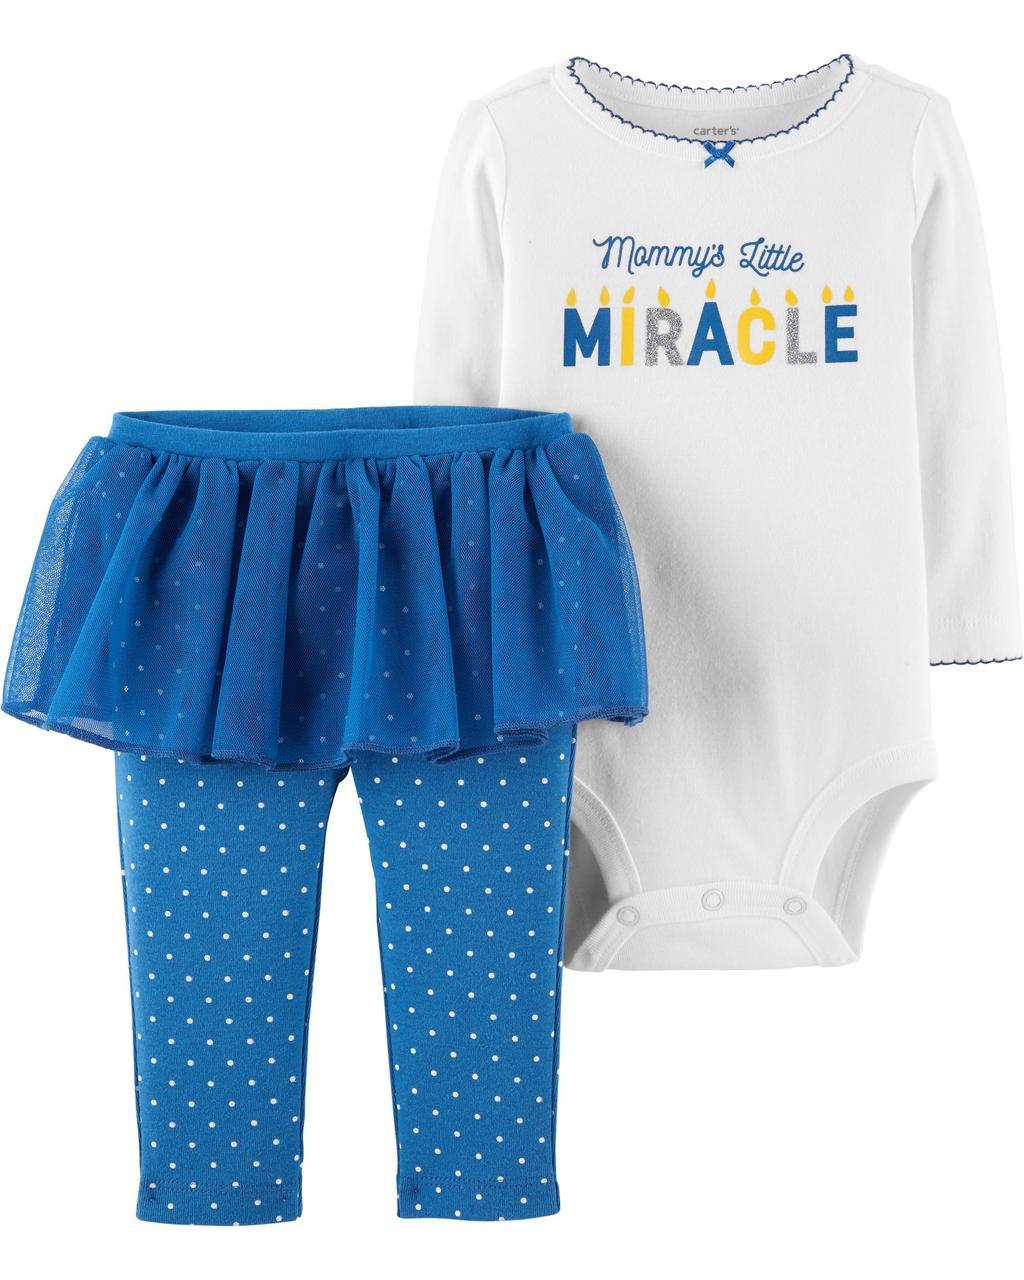 Боди + Штаны с юбкой Carters для девочки 24 мес (2 года) 81-86 см. Комплект двойка